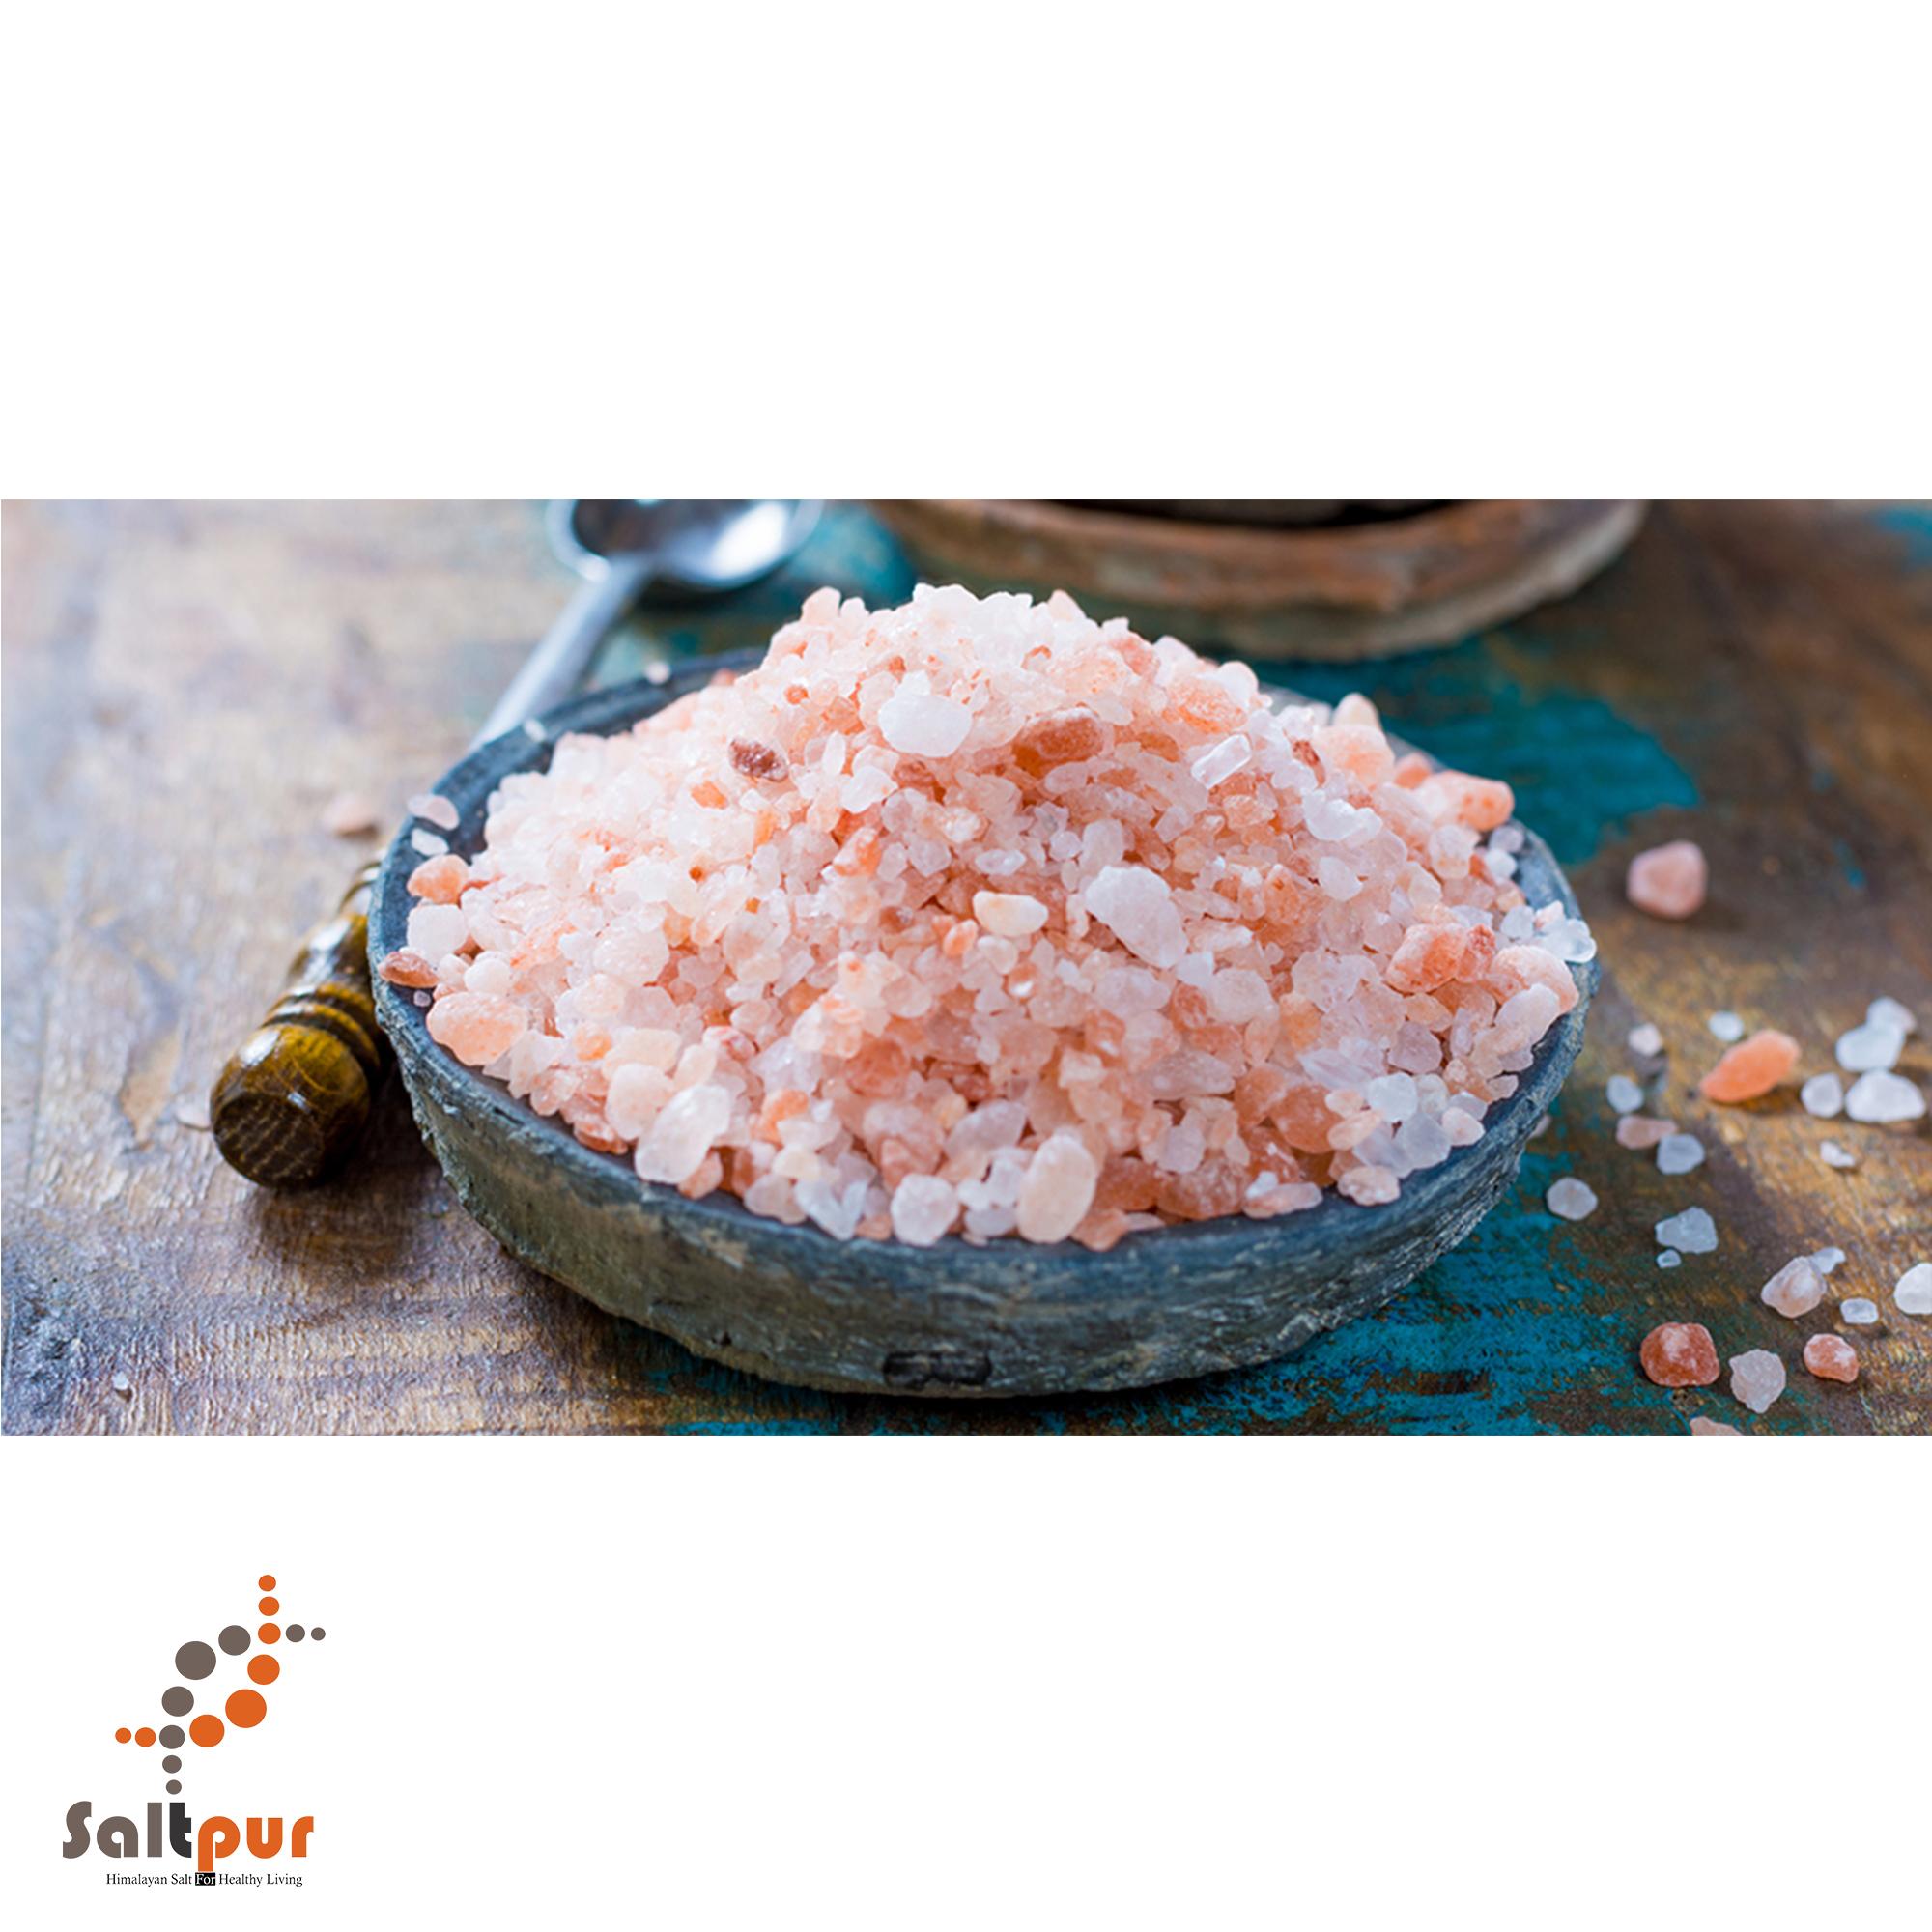 4 1 - Saltpur Himalayan Salts